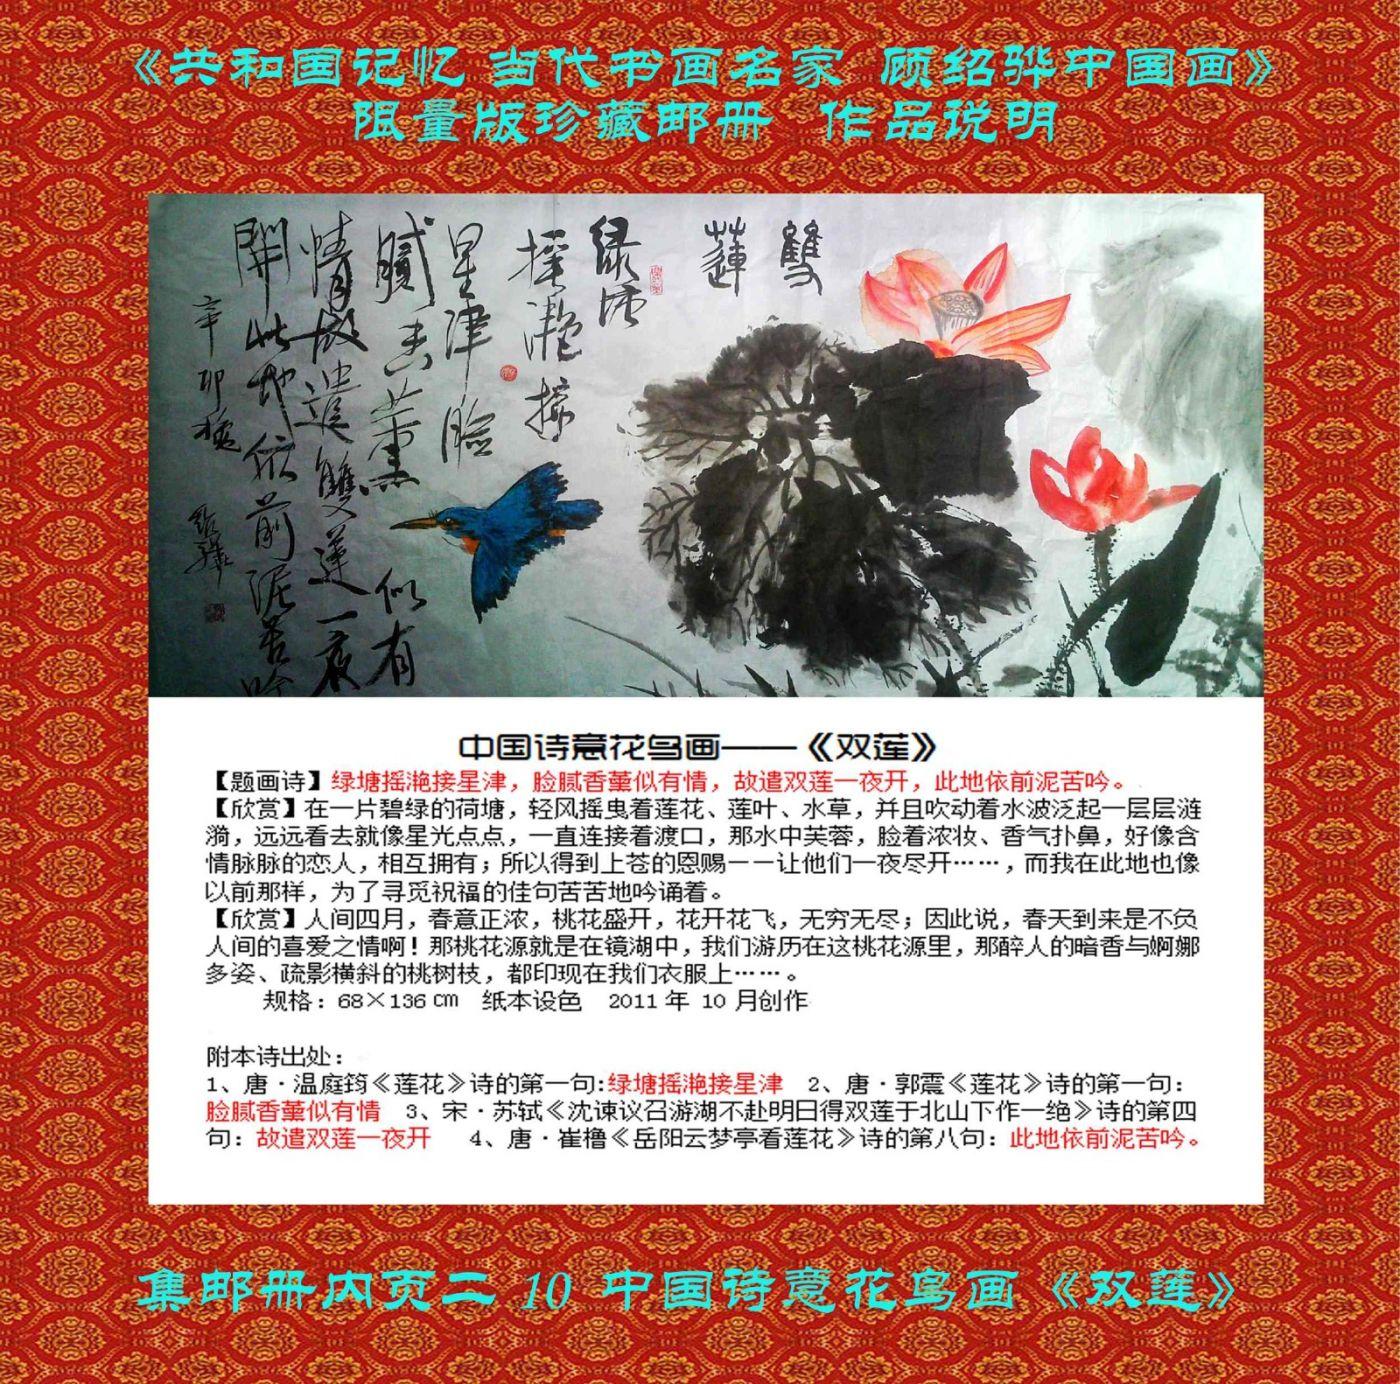 """""""顾绍骅的诗情画意""""入选《共和国记忆 ·中国书画艺术名家》限量版集邮珍藏册 ..._图1-13"""